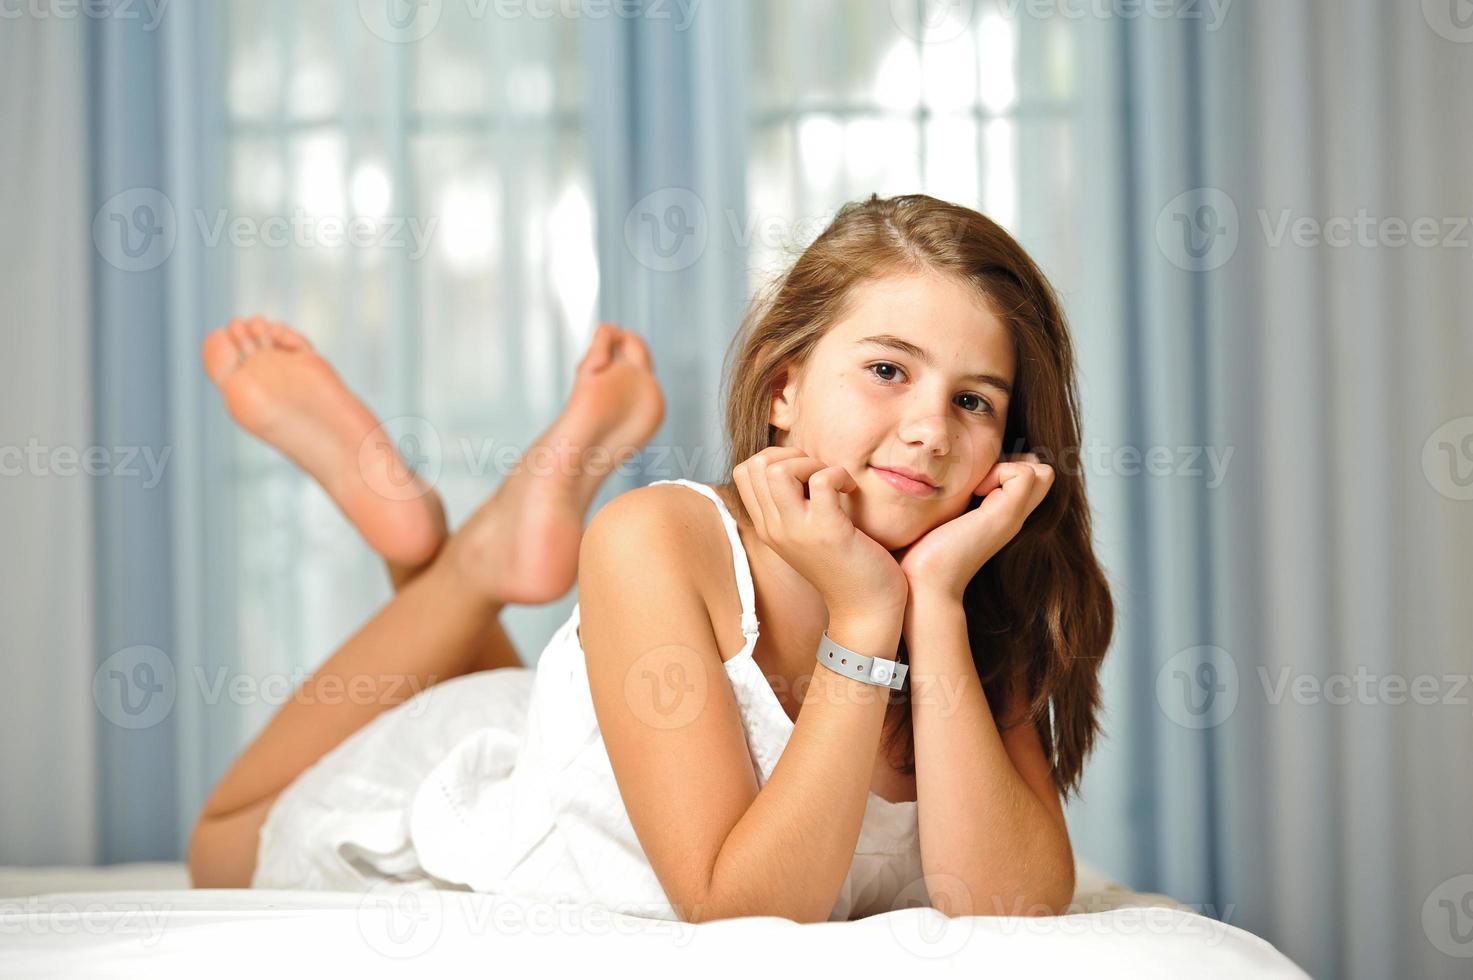 Ritratto di una bella ragazza adolescente sorridente a casa foto